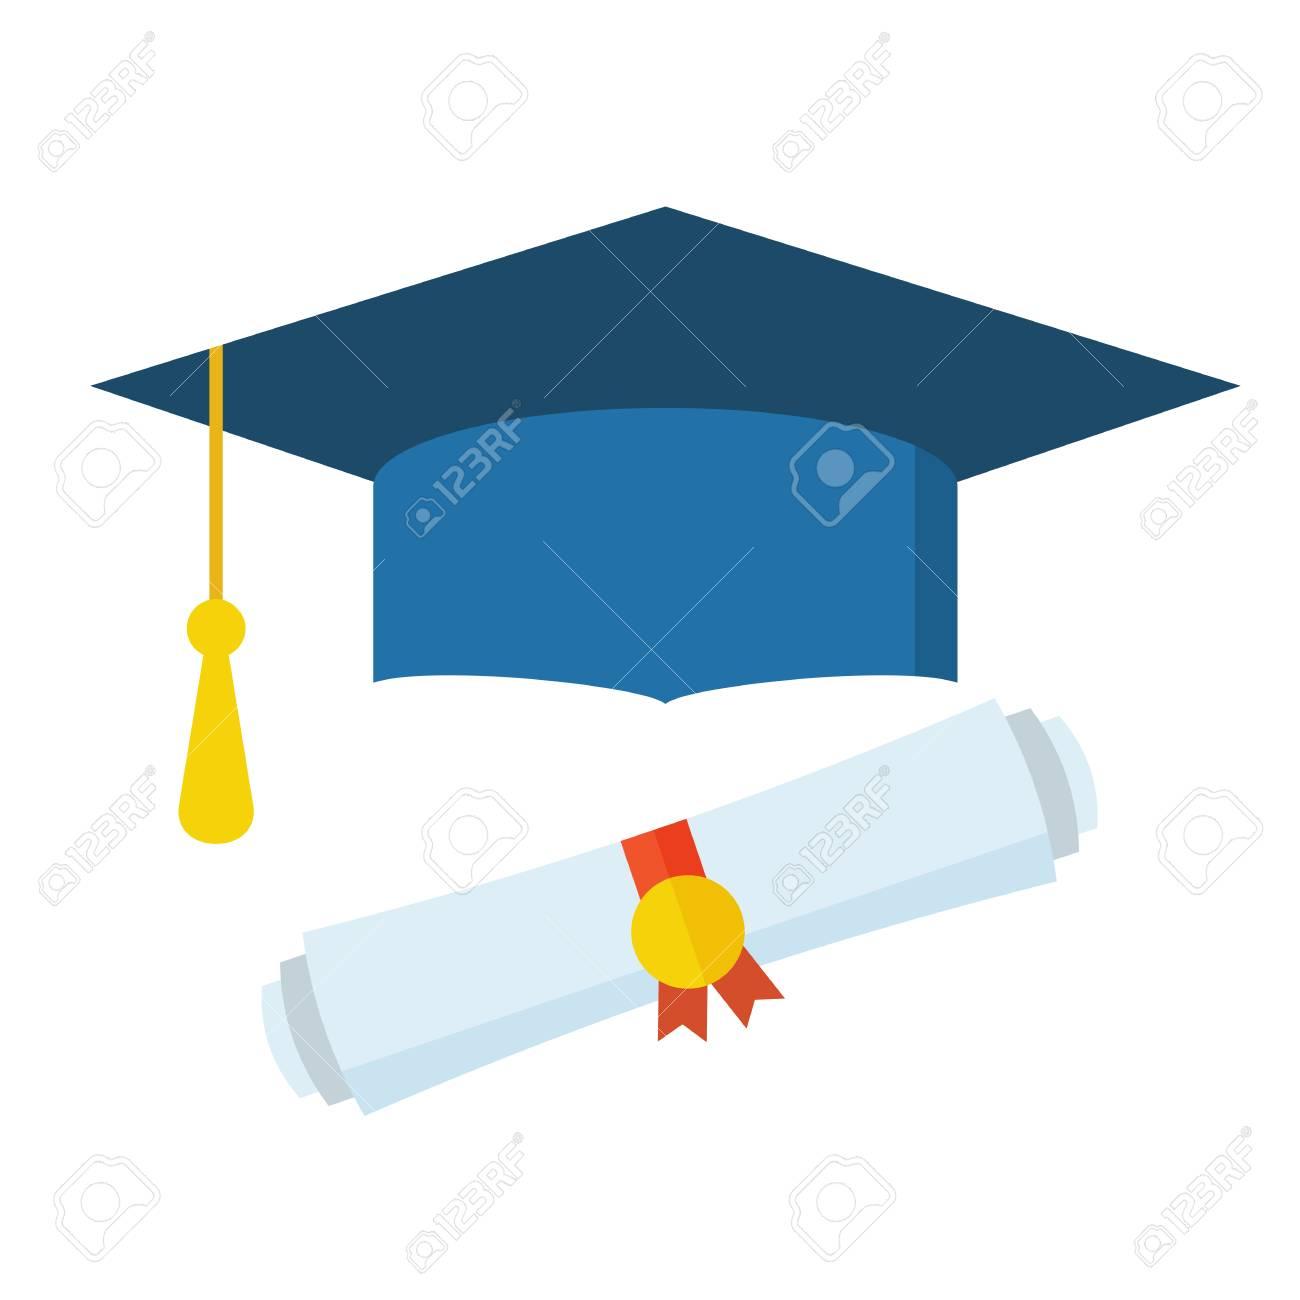 Foto de archivo - Sombrero de graduación y diploma desplazarse icono de  diseño plano. La graduación casquillo celebración icono de dibujos animados  web. badbf2b9998